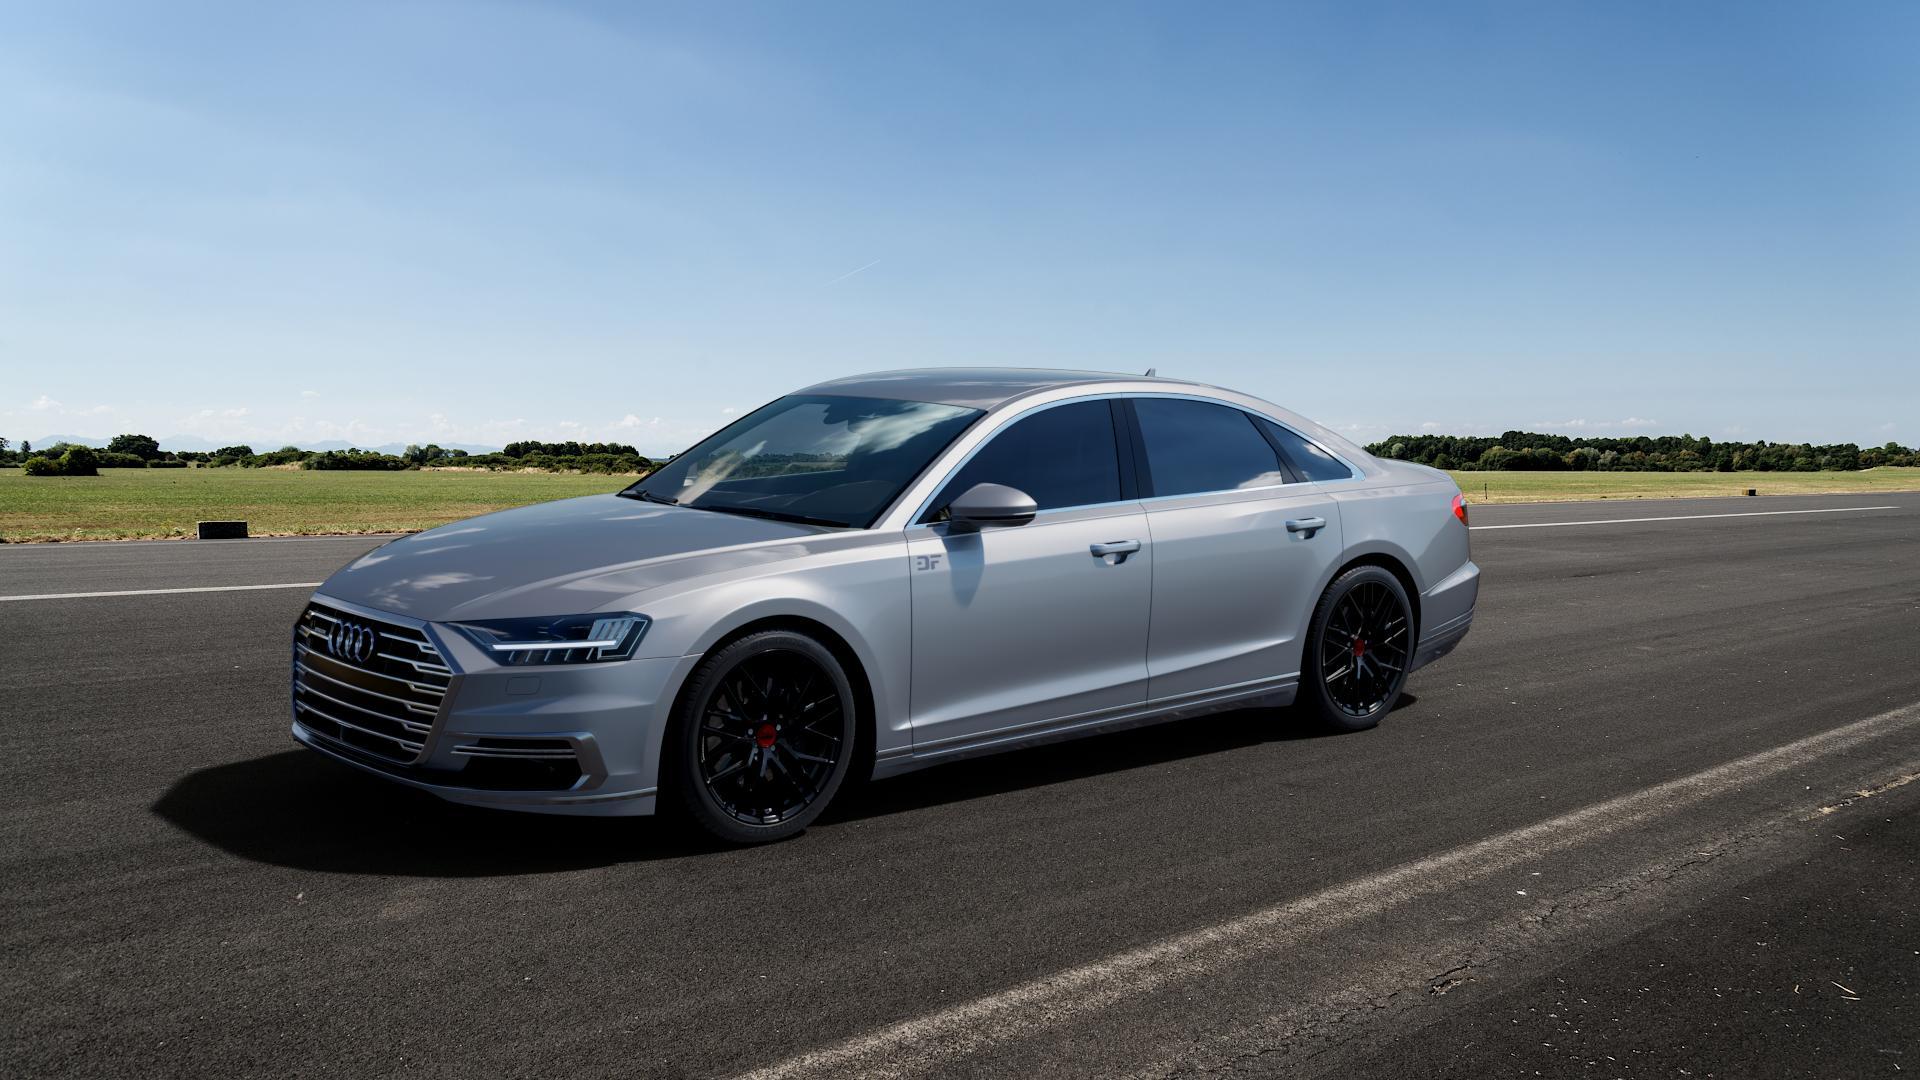 MAM RS4 BLACK PAINTED Felge mit Reifen schwarz in 20Zoll Winterfelge Alufelge auf silbernem Audi A8 Typ D5/F8 3,0l 60 TFSI e quattro 250kW (340 PS) Hybrid 4,0l 338kW (460 420kW S8 (571 TDI 210kW (286 320kW (435 ⬇️ mit 15mm Tieferlegung ⬇️ Big_Vehicle_Airstrip_1 Frontansicht_1